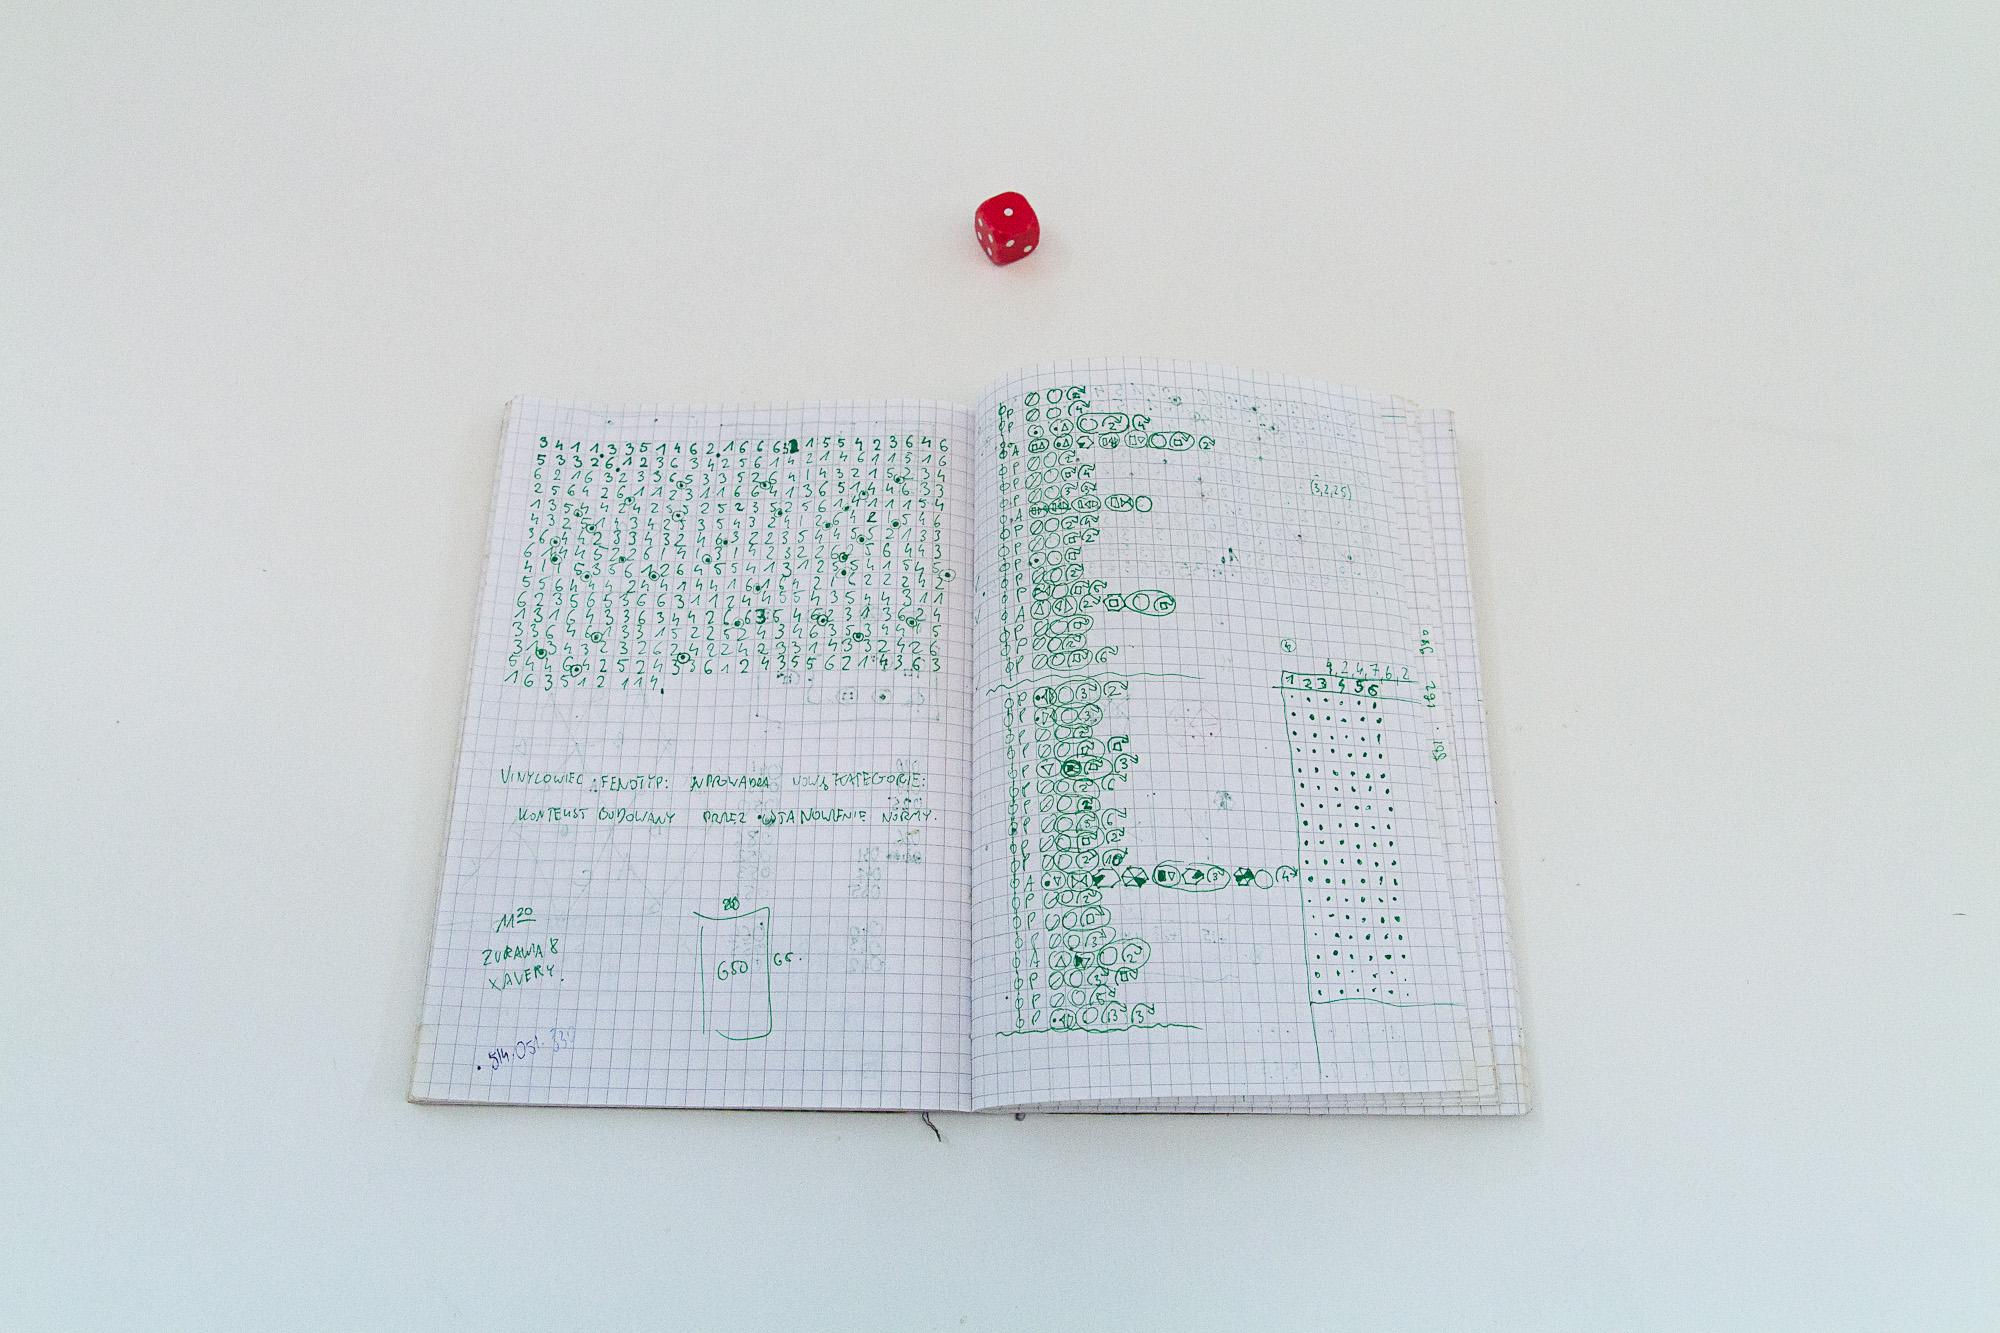 Zeszyt zawierający notatki Adama Jastrzębskiego odnośnie vinylogosu, zdjęcie dzięki uprzejmości galerii Propaganda